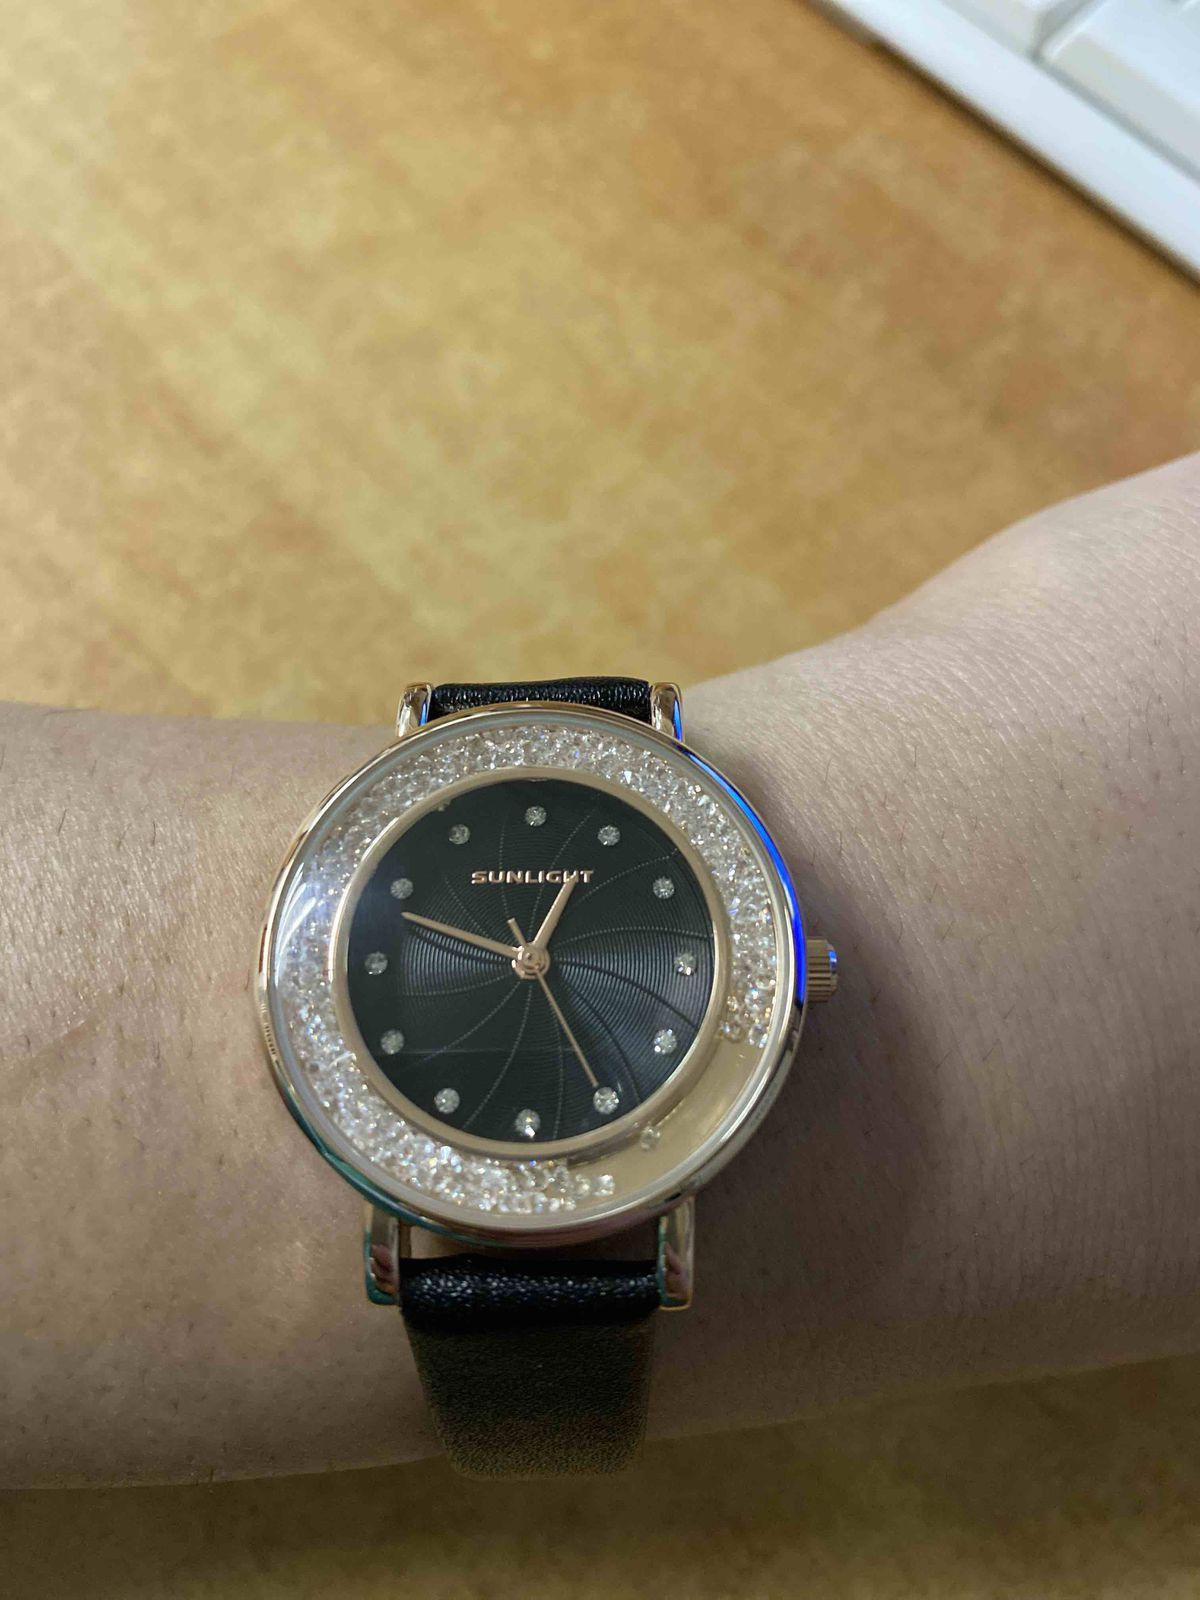 Наручные часы на черном ремесшке просто супер мне гравится я вдюбилалсь